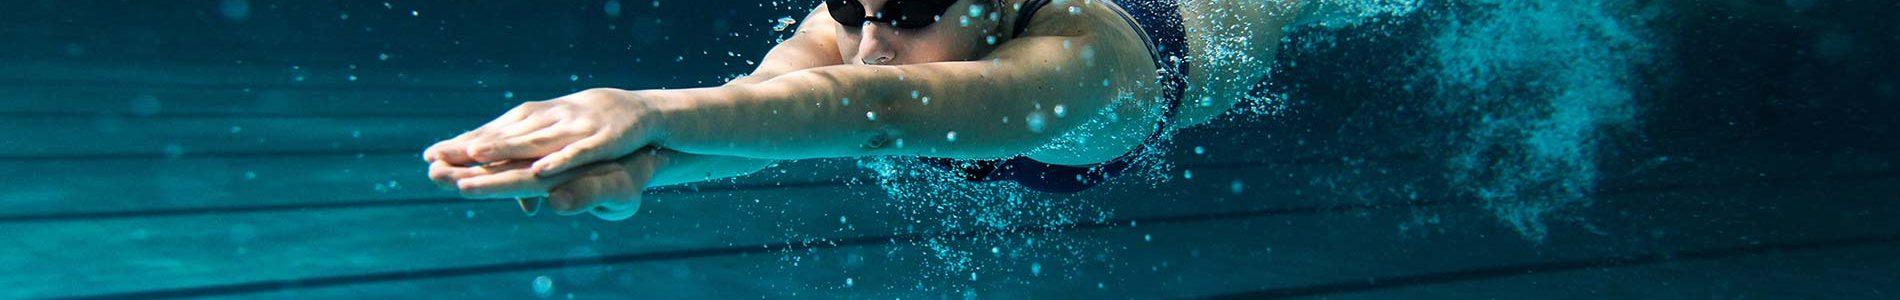 СВОБОДА ФИТНЕСА в бассейне